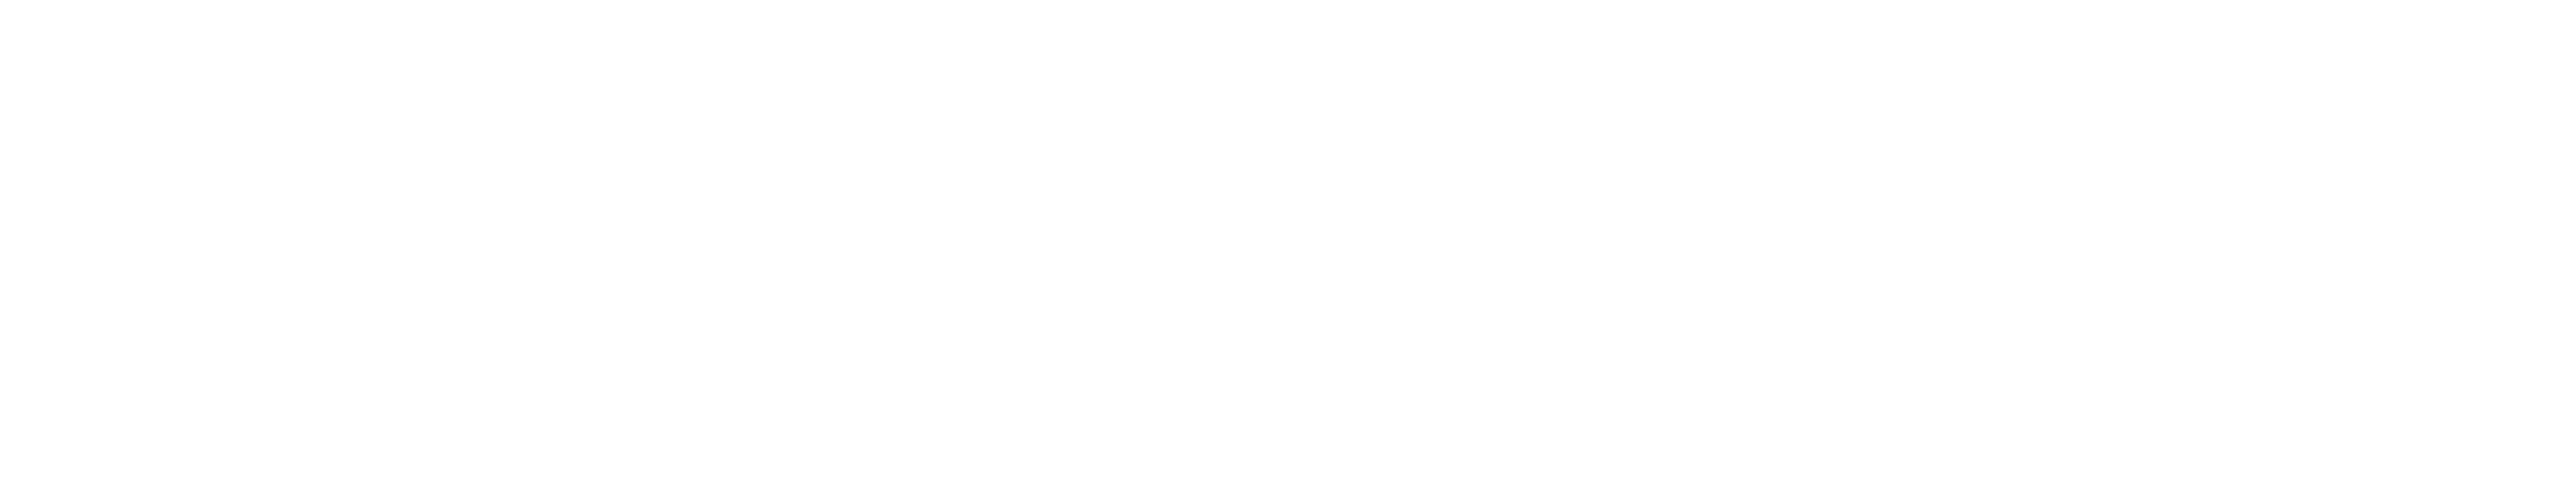 HeaderLehighValley